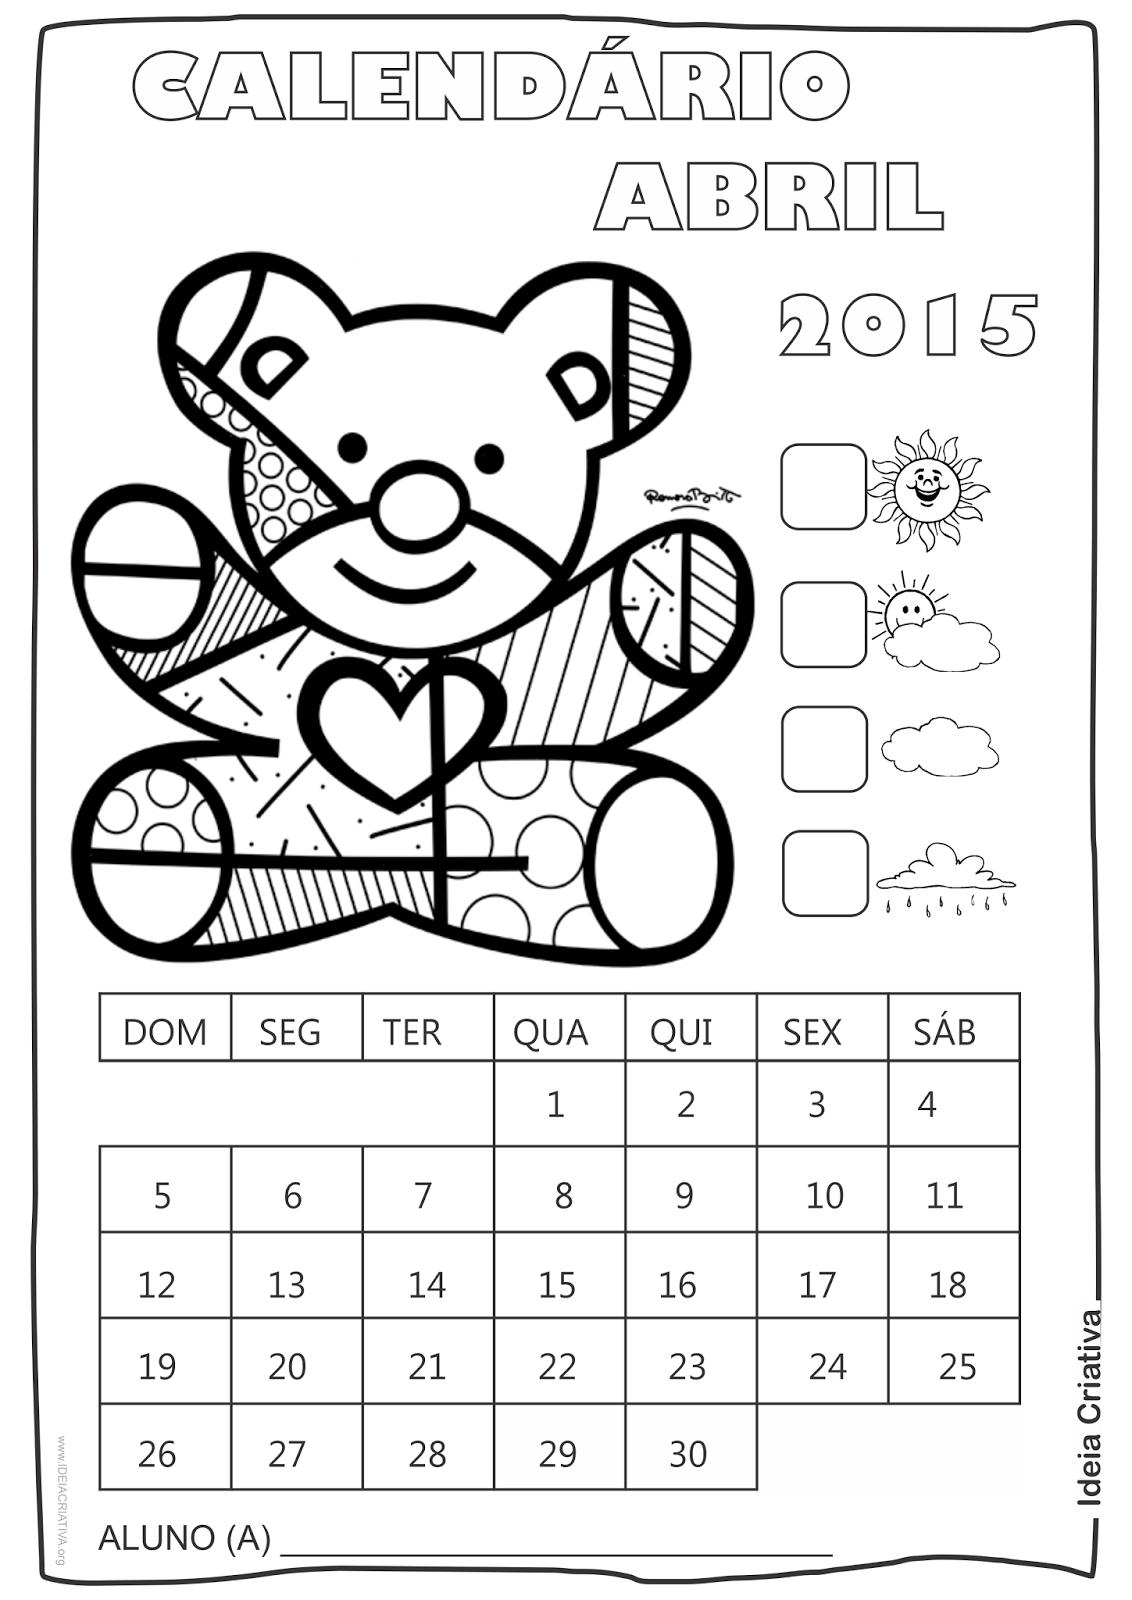 Calendários 2015 Romero Britto Para Imprimir E Colorir Grátis